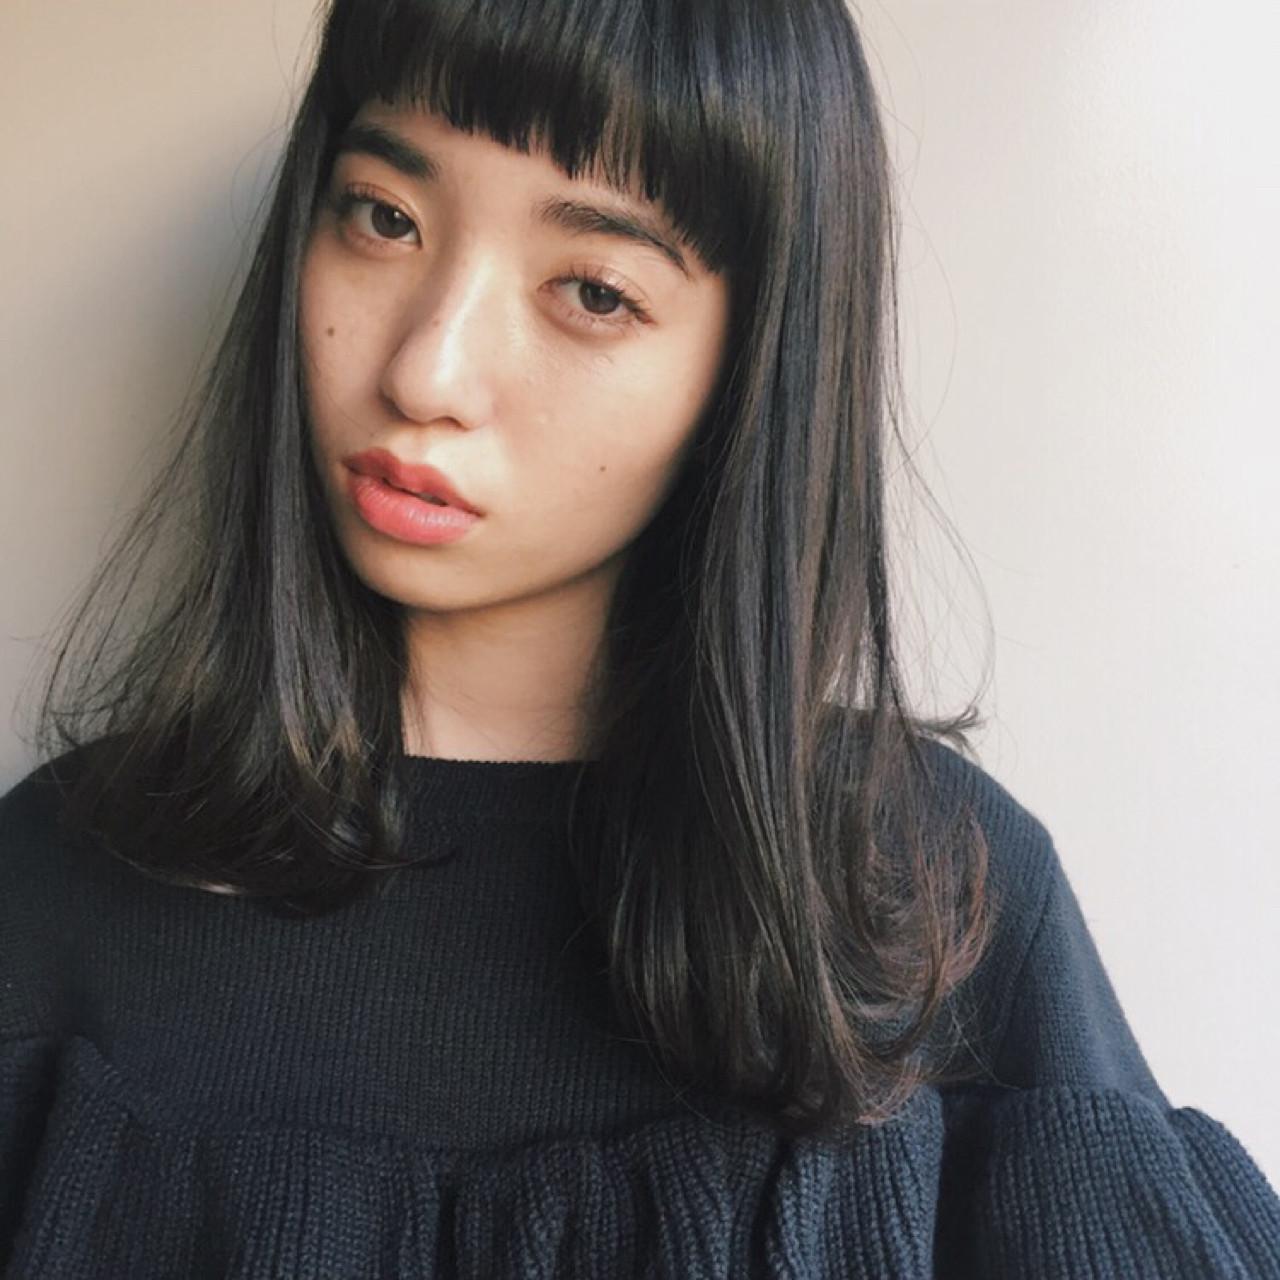 黒髪ロングヘア27